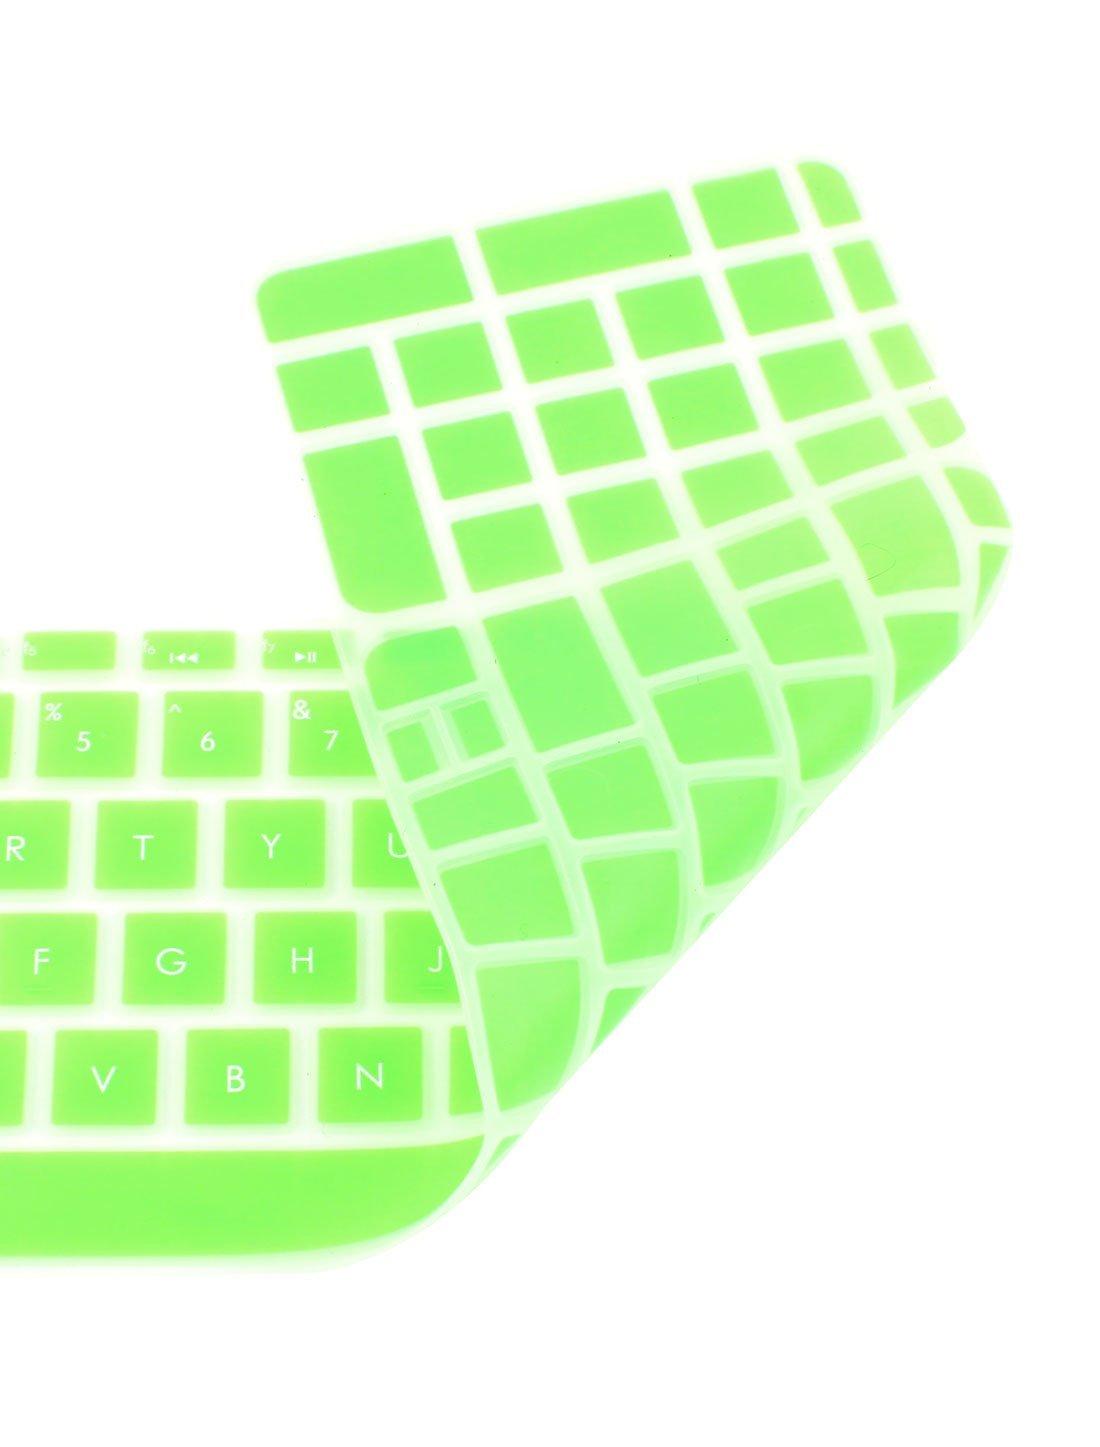 Amazon.com: eDealMax La cubierta del teclado de silicona Proteja Shell Verde Para HP Pabellón 15 del ordenador portátil: Electronics